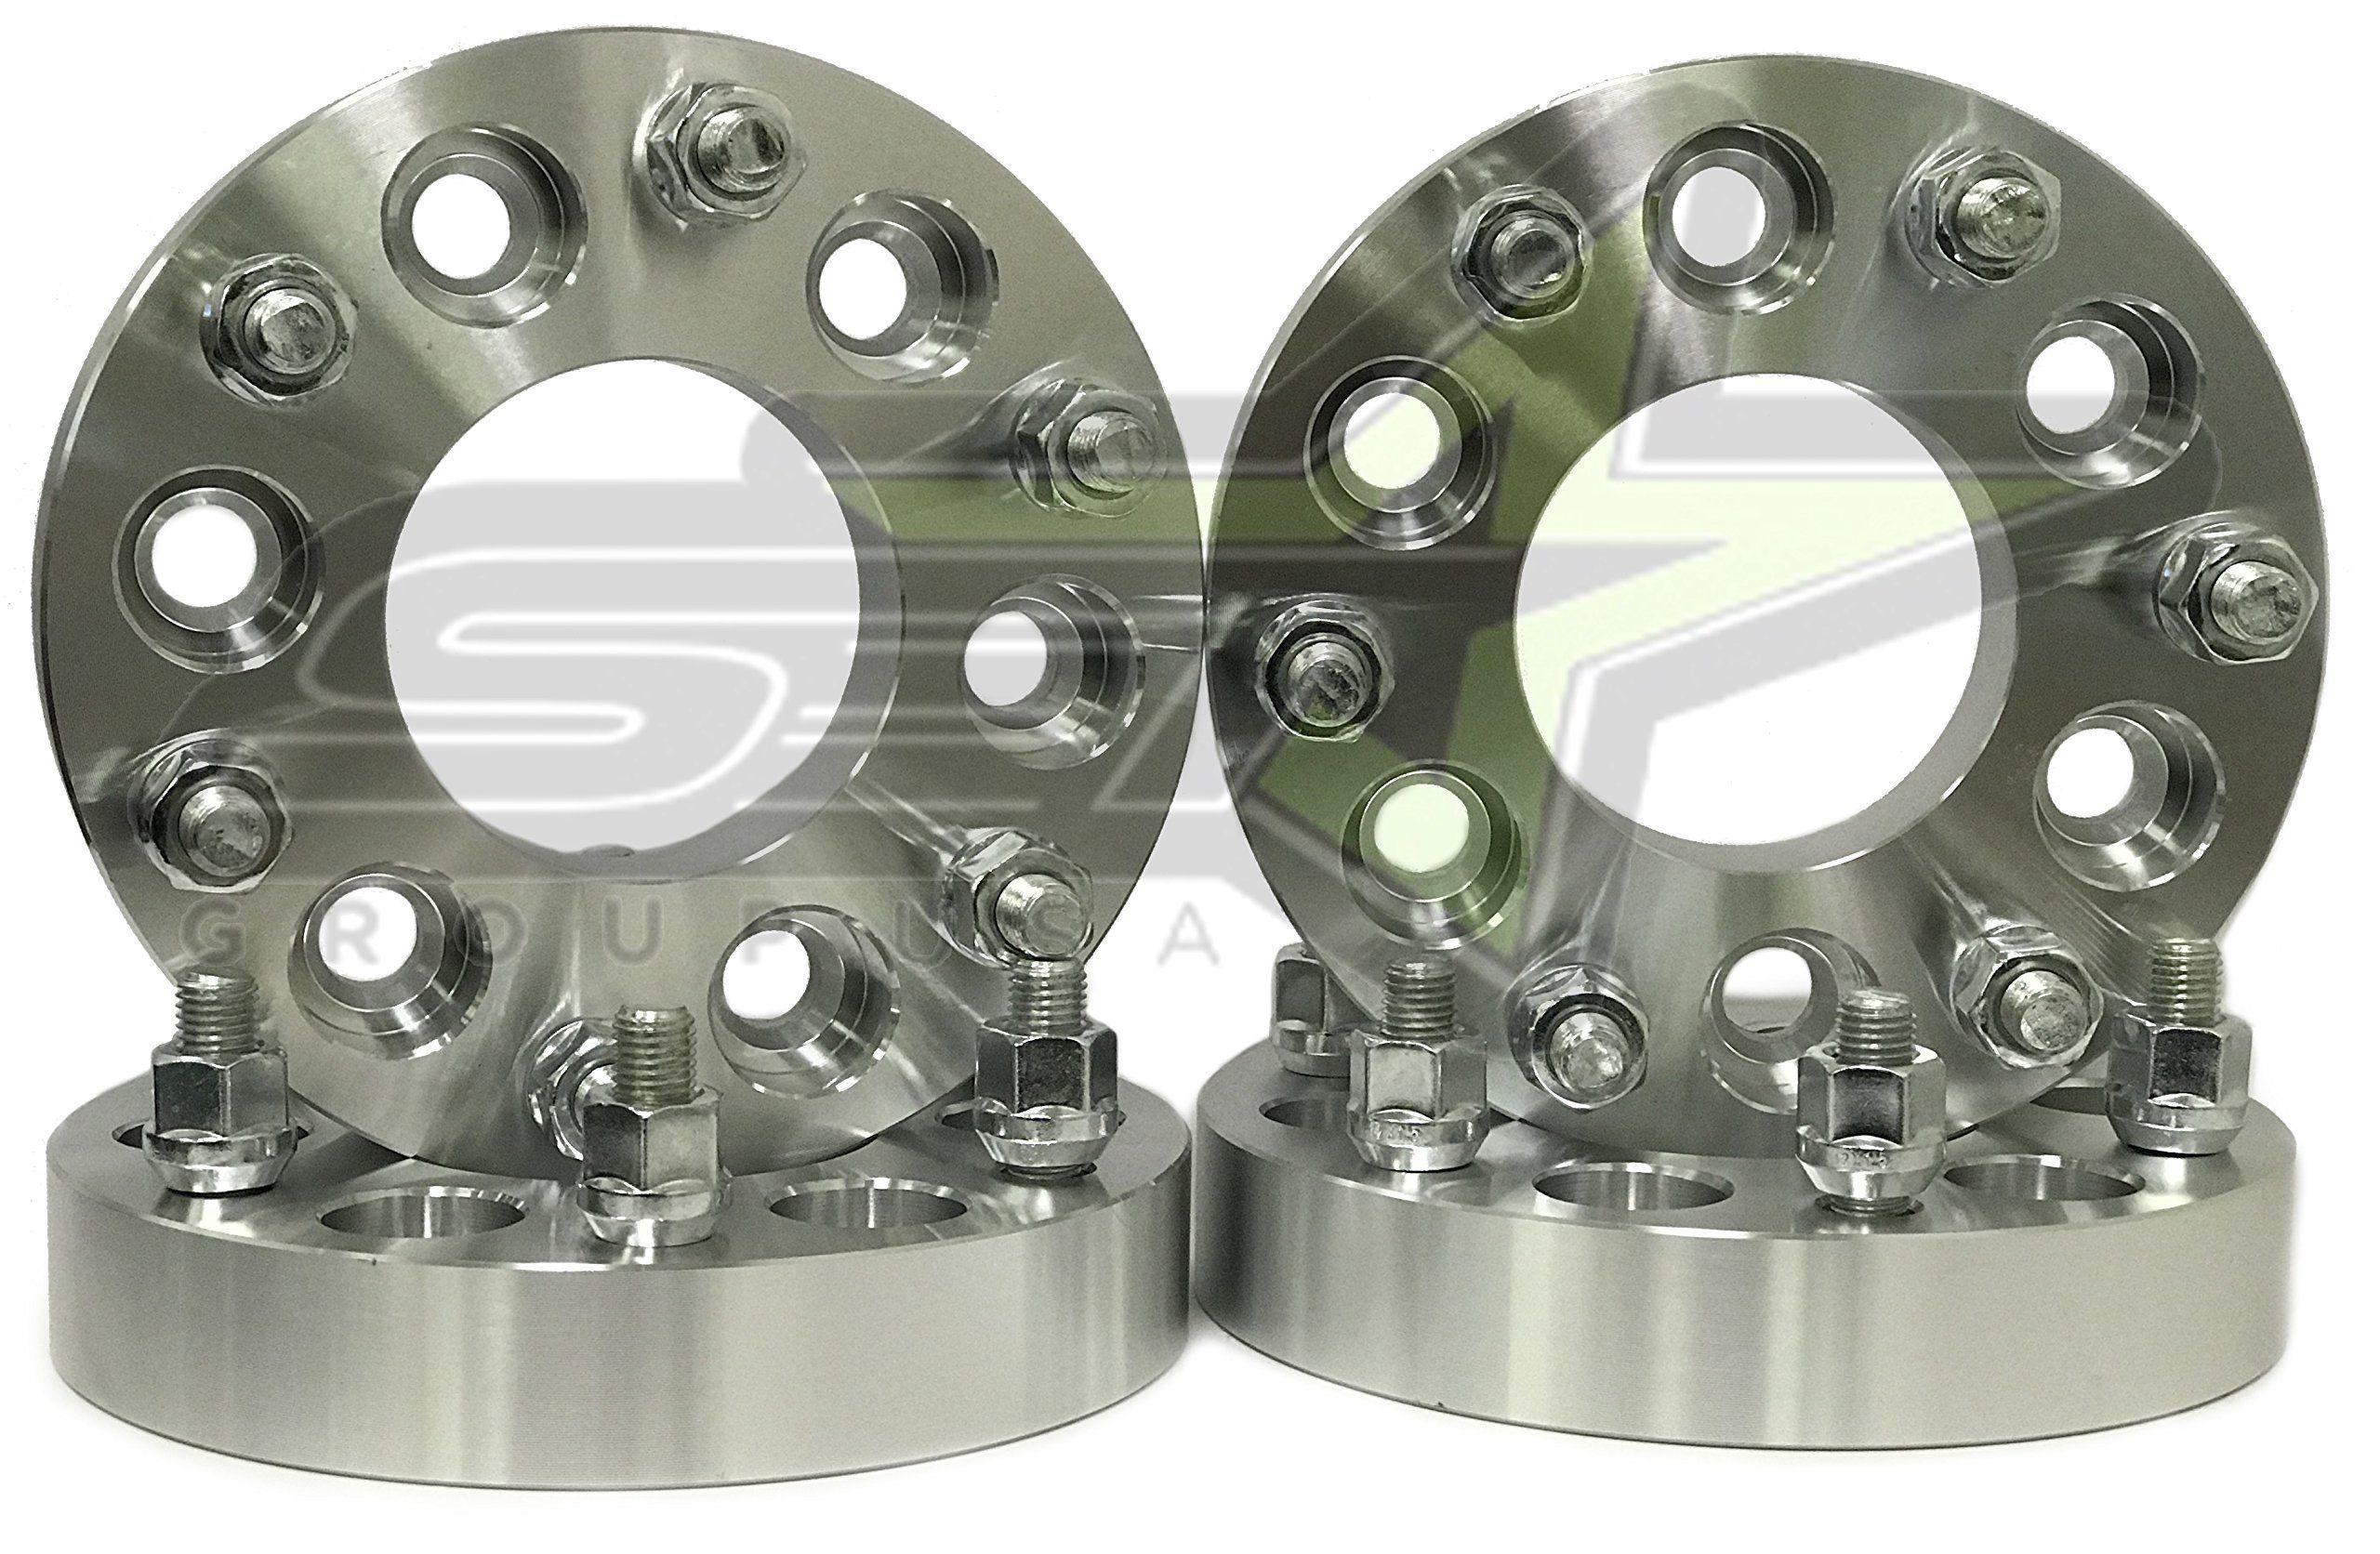 4 Wheel Adapters 6x5 To 6x5 5 6x127 To 6x139 7 Trailblazer Envoy